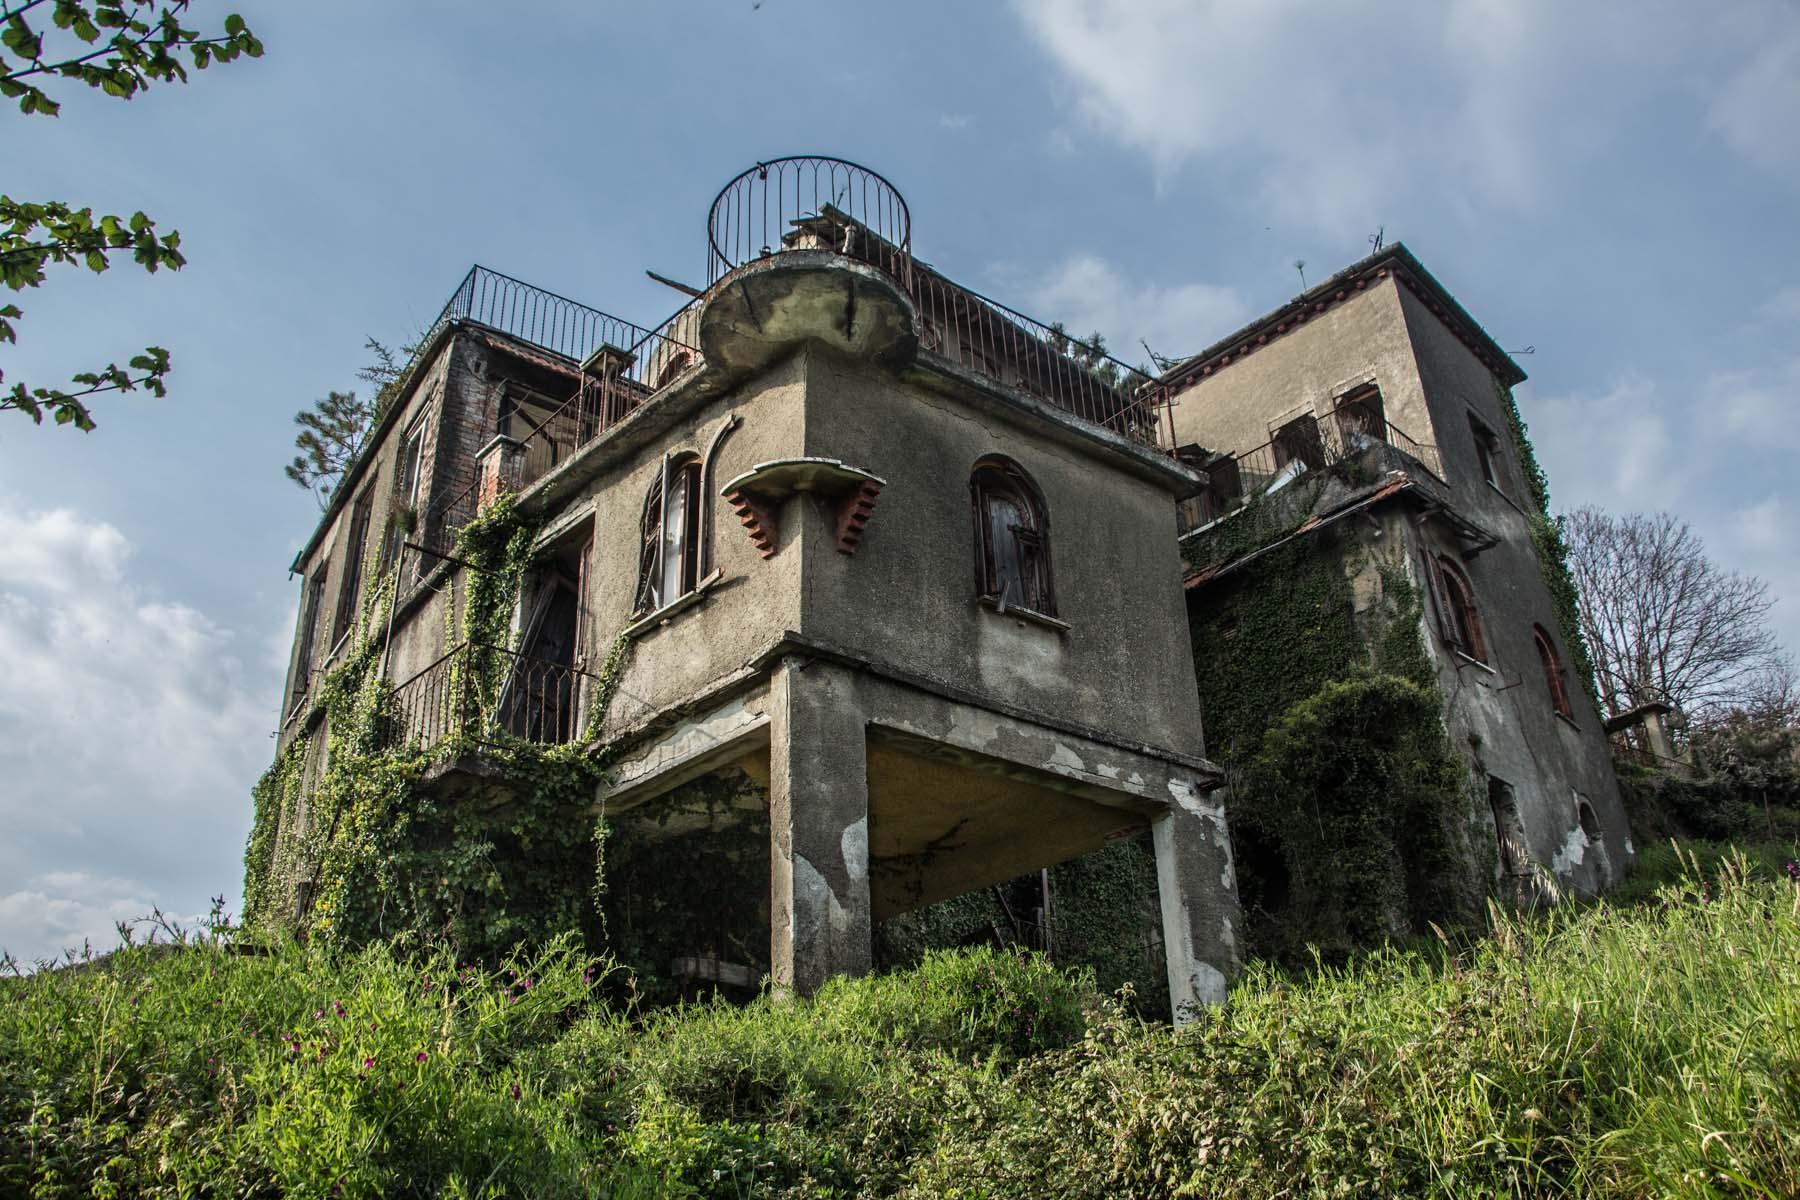 ville delle streghe - la casa dalle trenta finestre - ville abbandonate - edifici abbandonati - urbex italia - urbex liguria